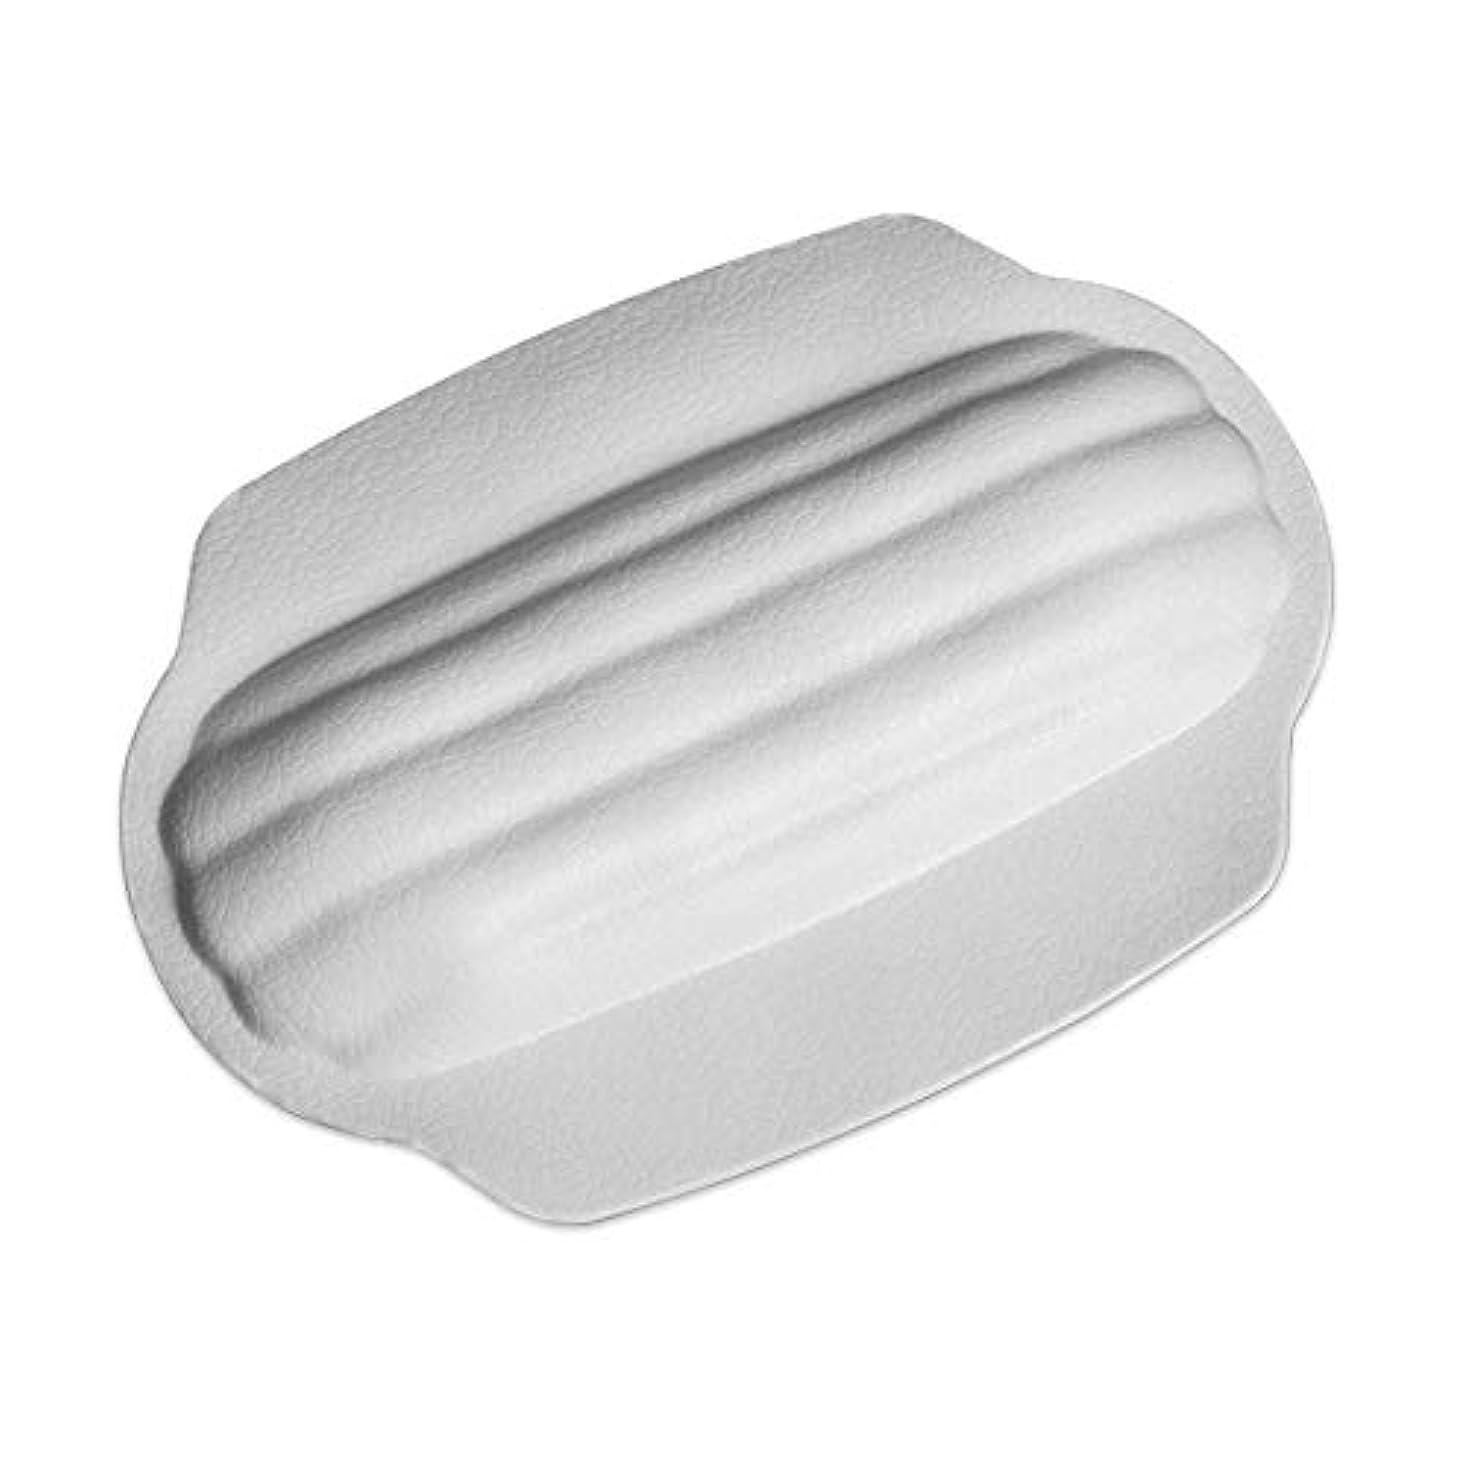 計算するサイクロプス広告サクションカップ付き防水滑り止めスパ枕厚めユニバーサルバスタブ枕バスタブと抗菌性